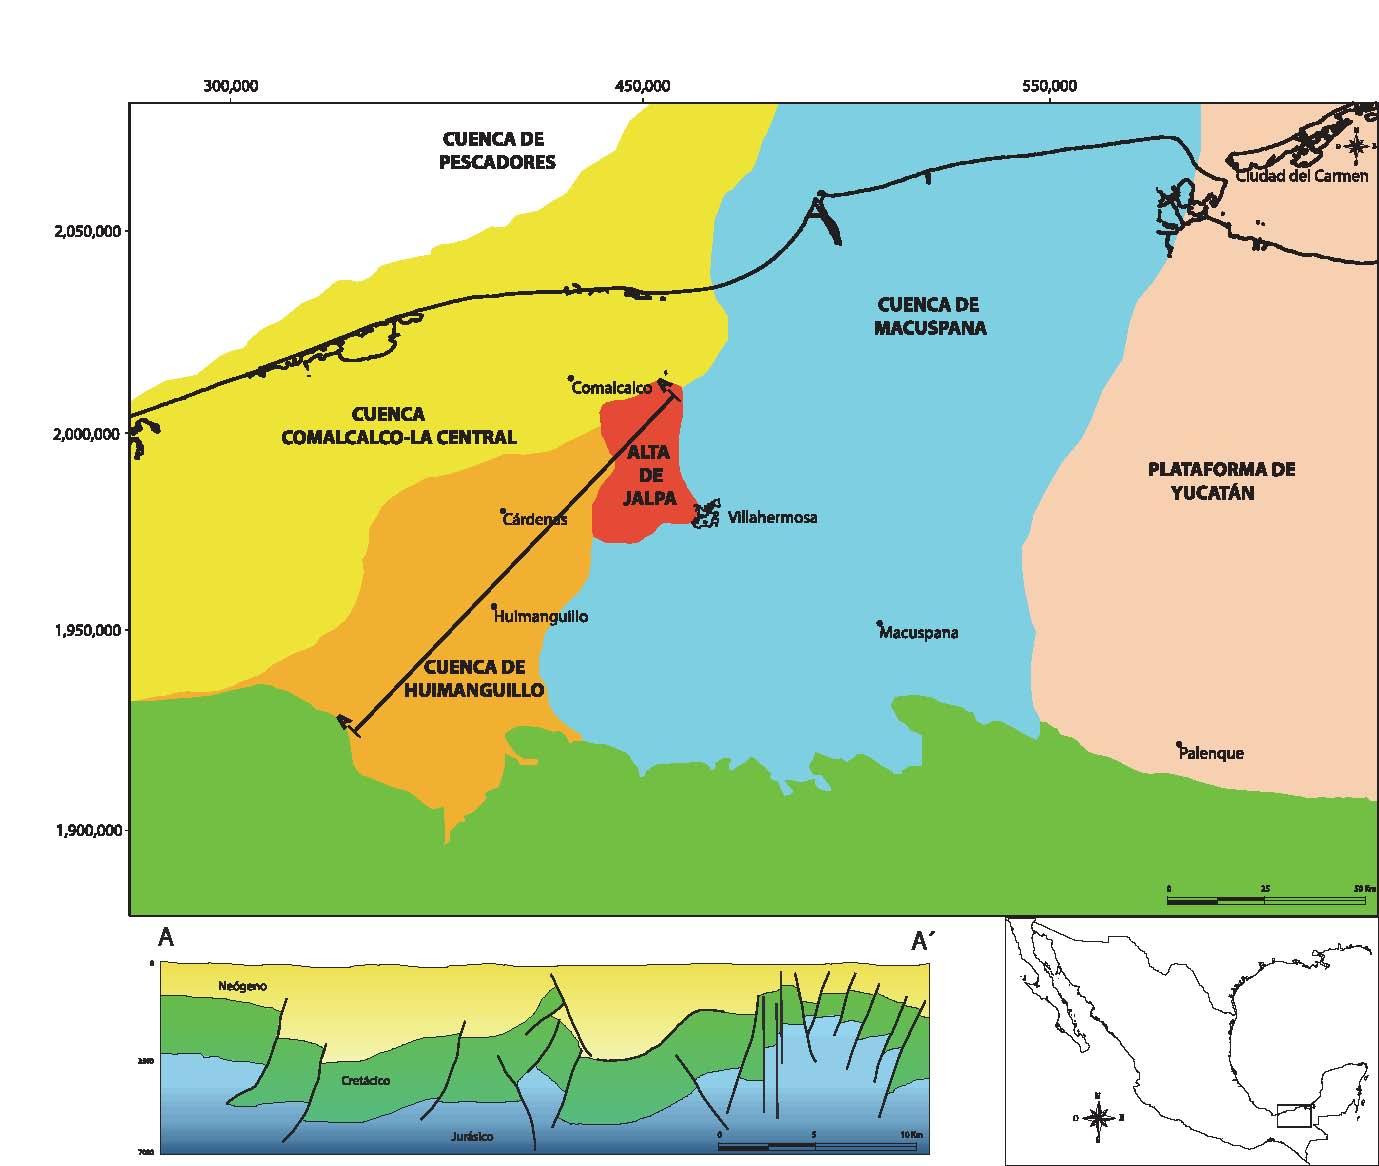 Inicio Home Snyder General Wiring Diagram Figura 2 Localizacin Geogrfica De La Cuenca Del Sureste Acompaada Un Corte Esquemtico Ideal Posible Distribucin Hidrocarburos